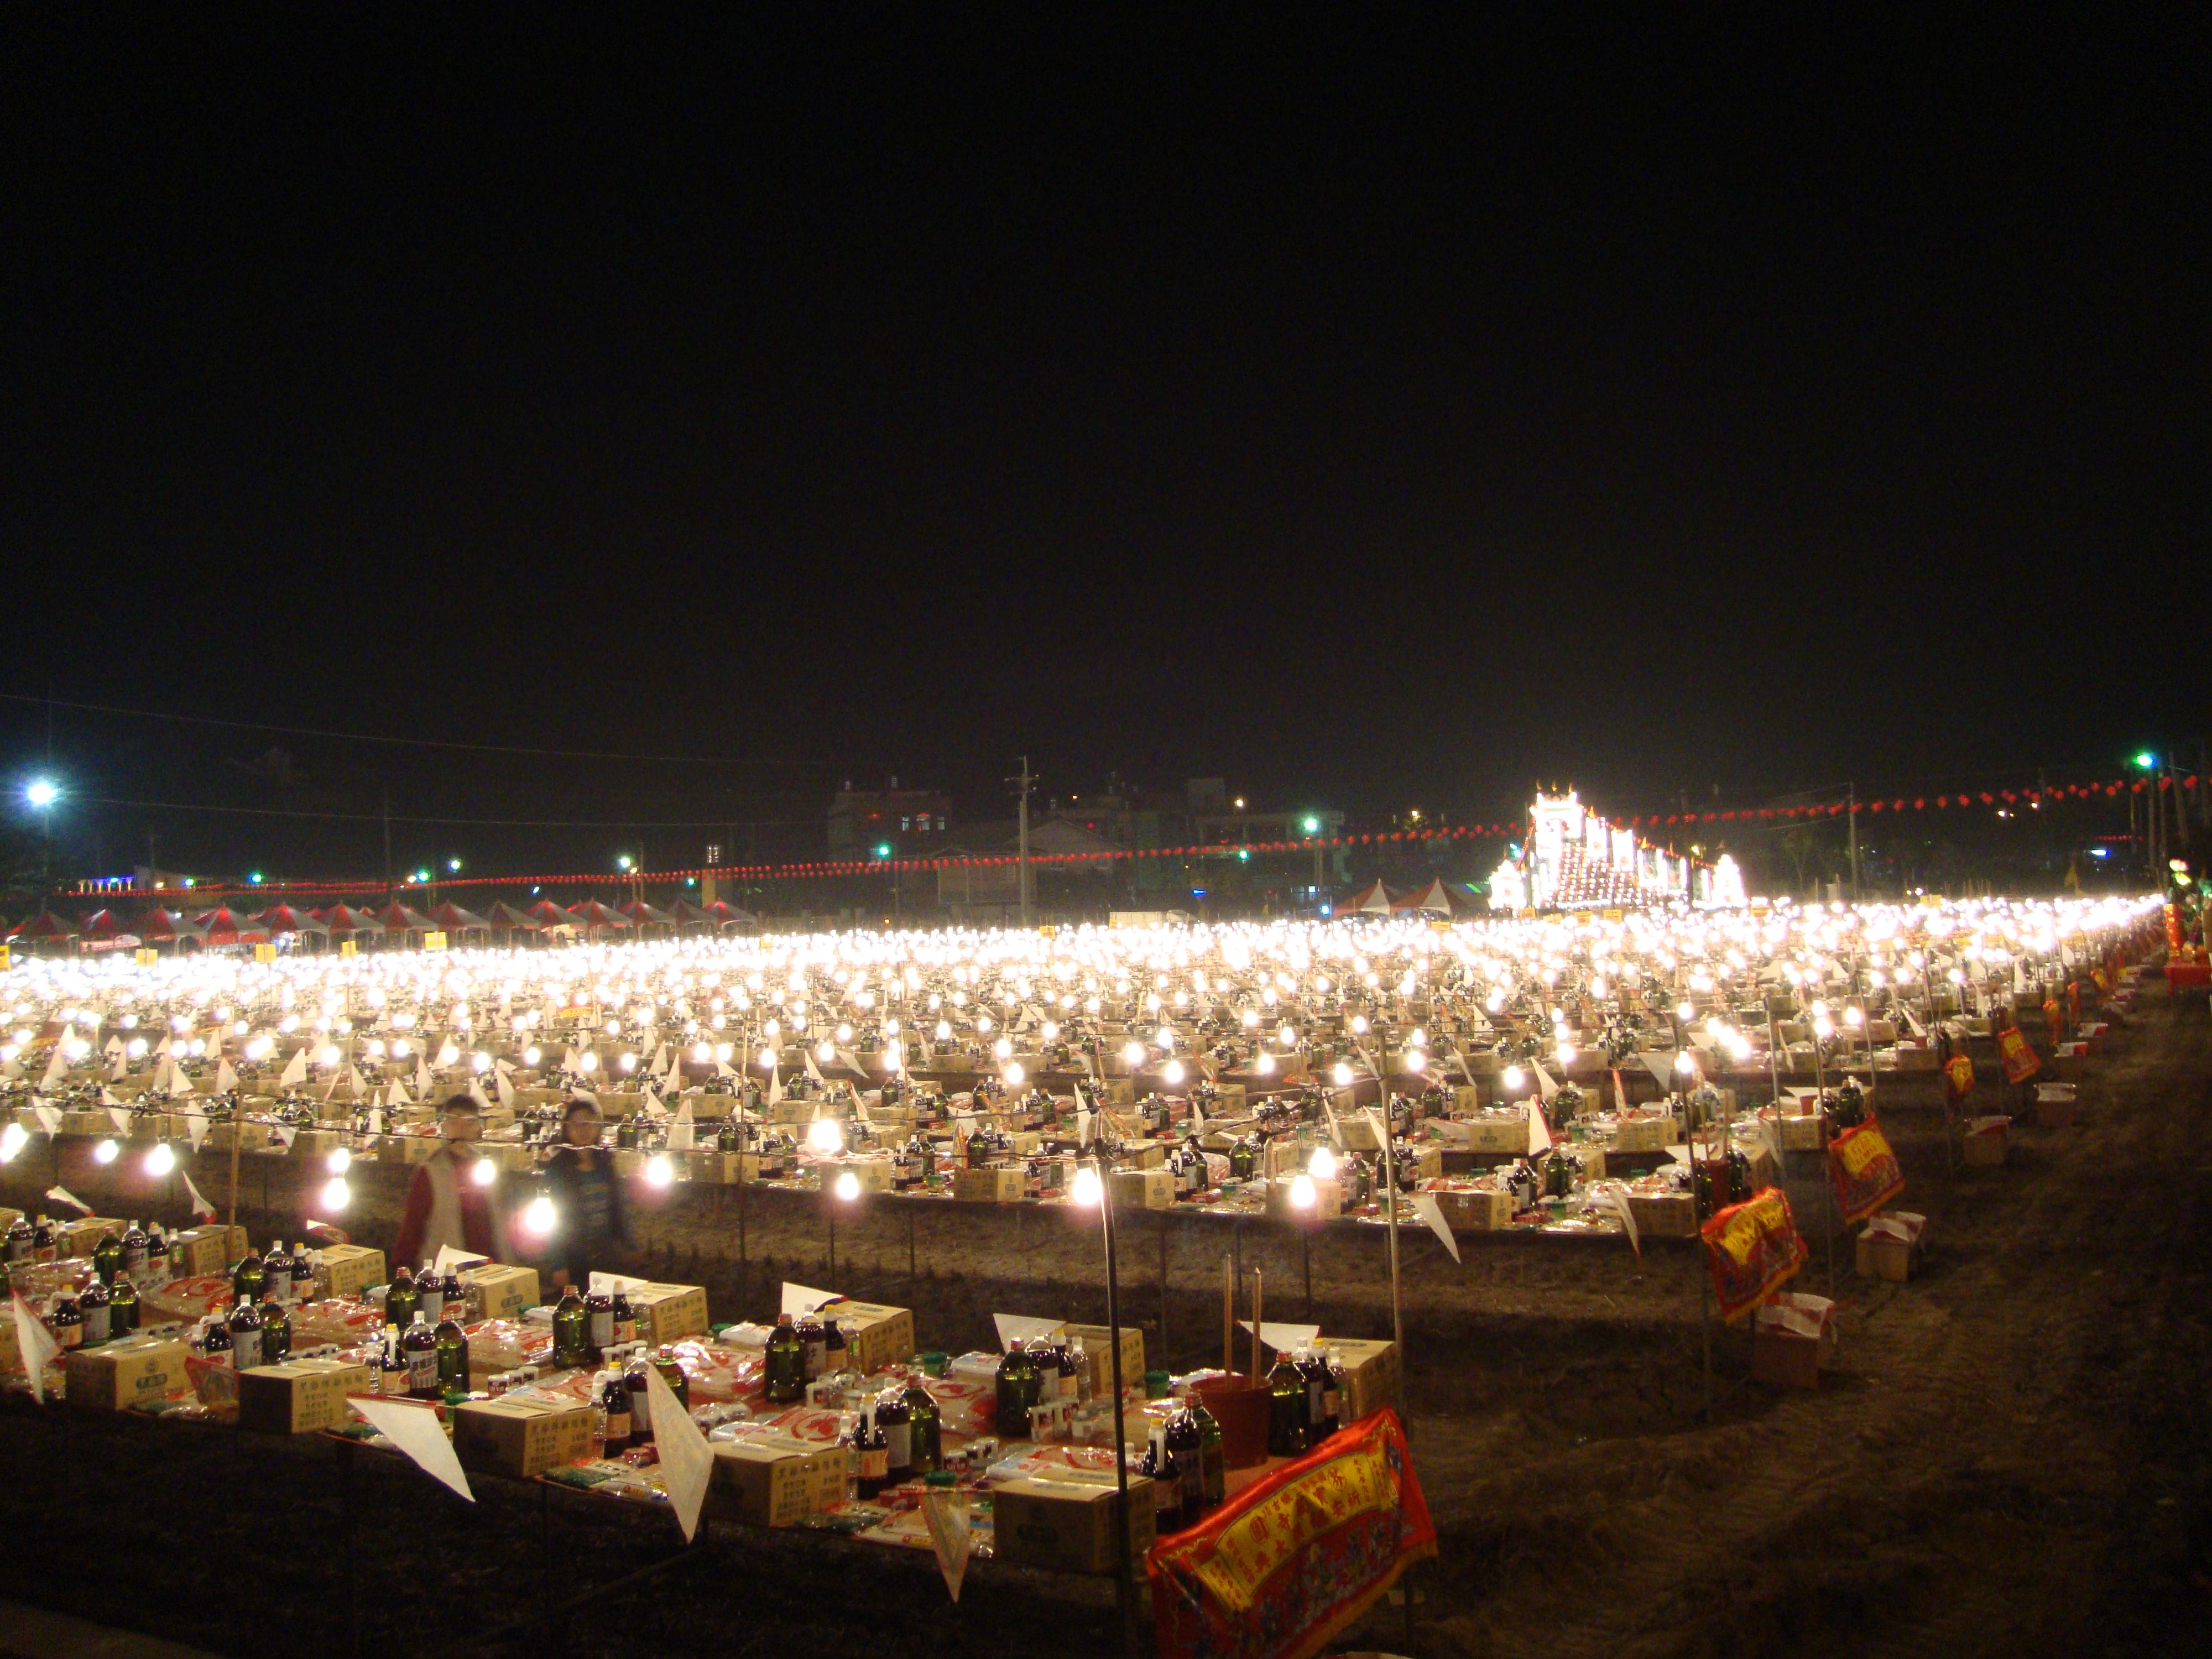 寶藏寺 祈安福醮 - 1